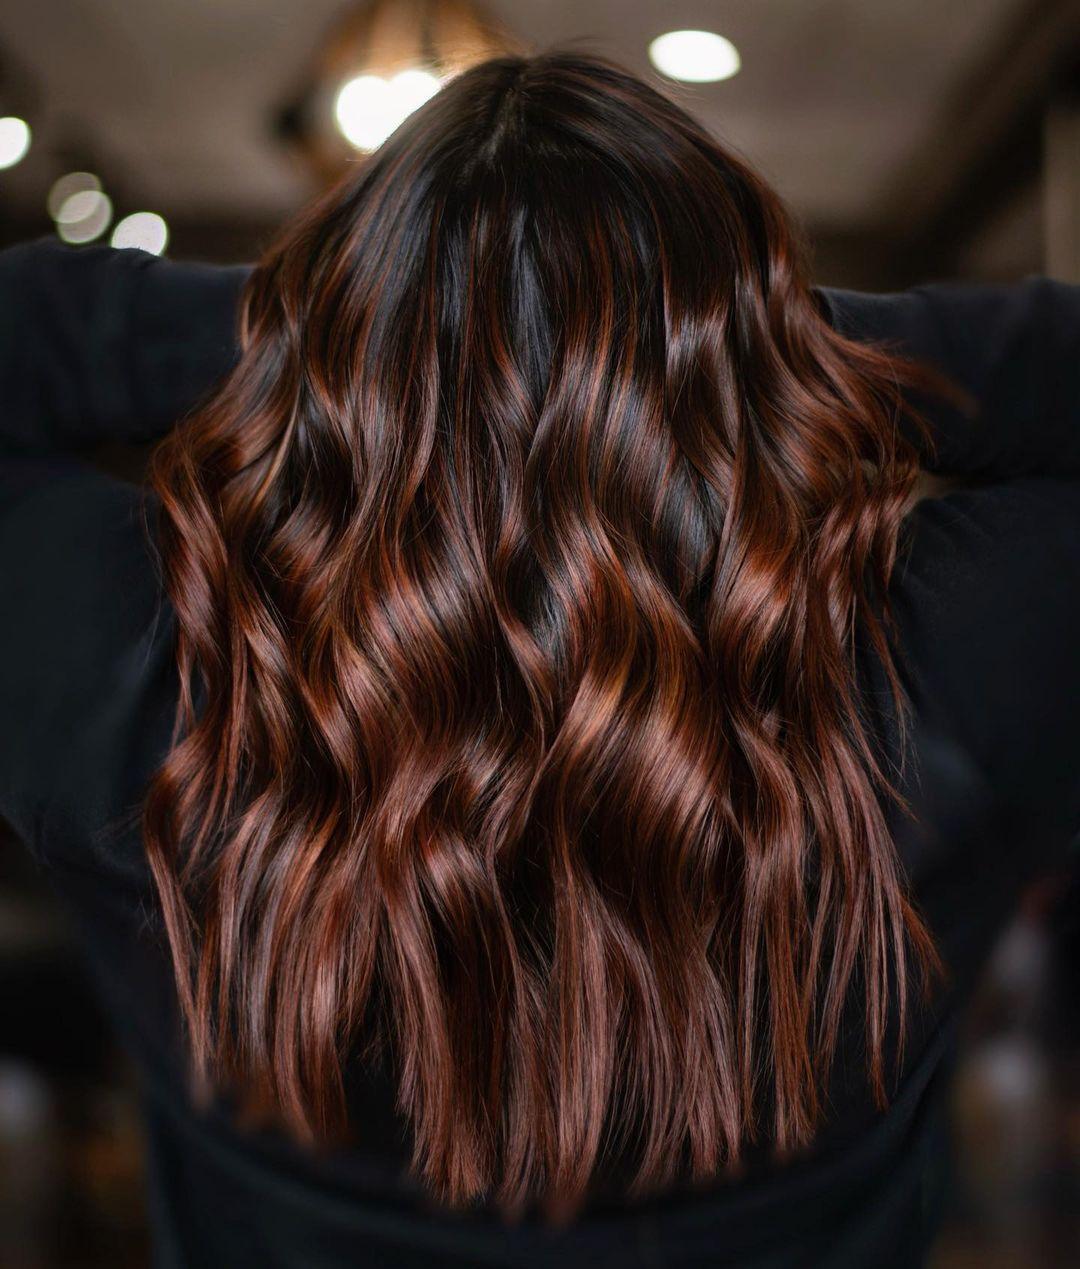 Deep Chocolate Hair with Auburn Highlights